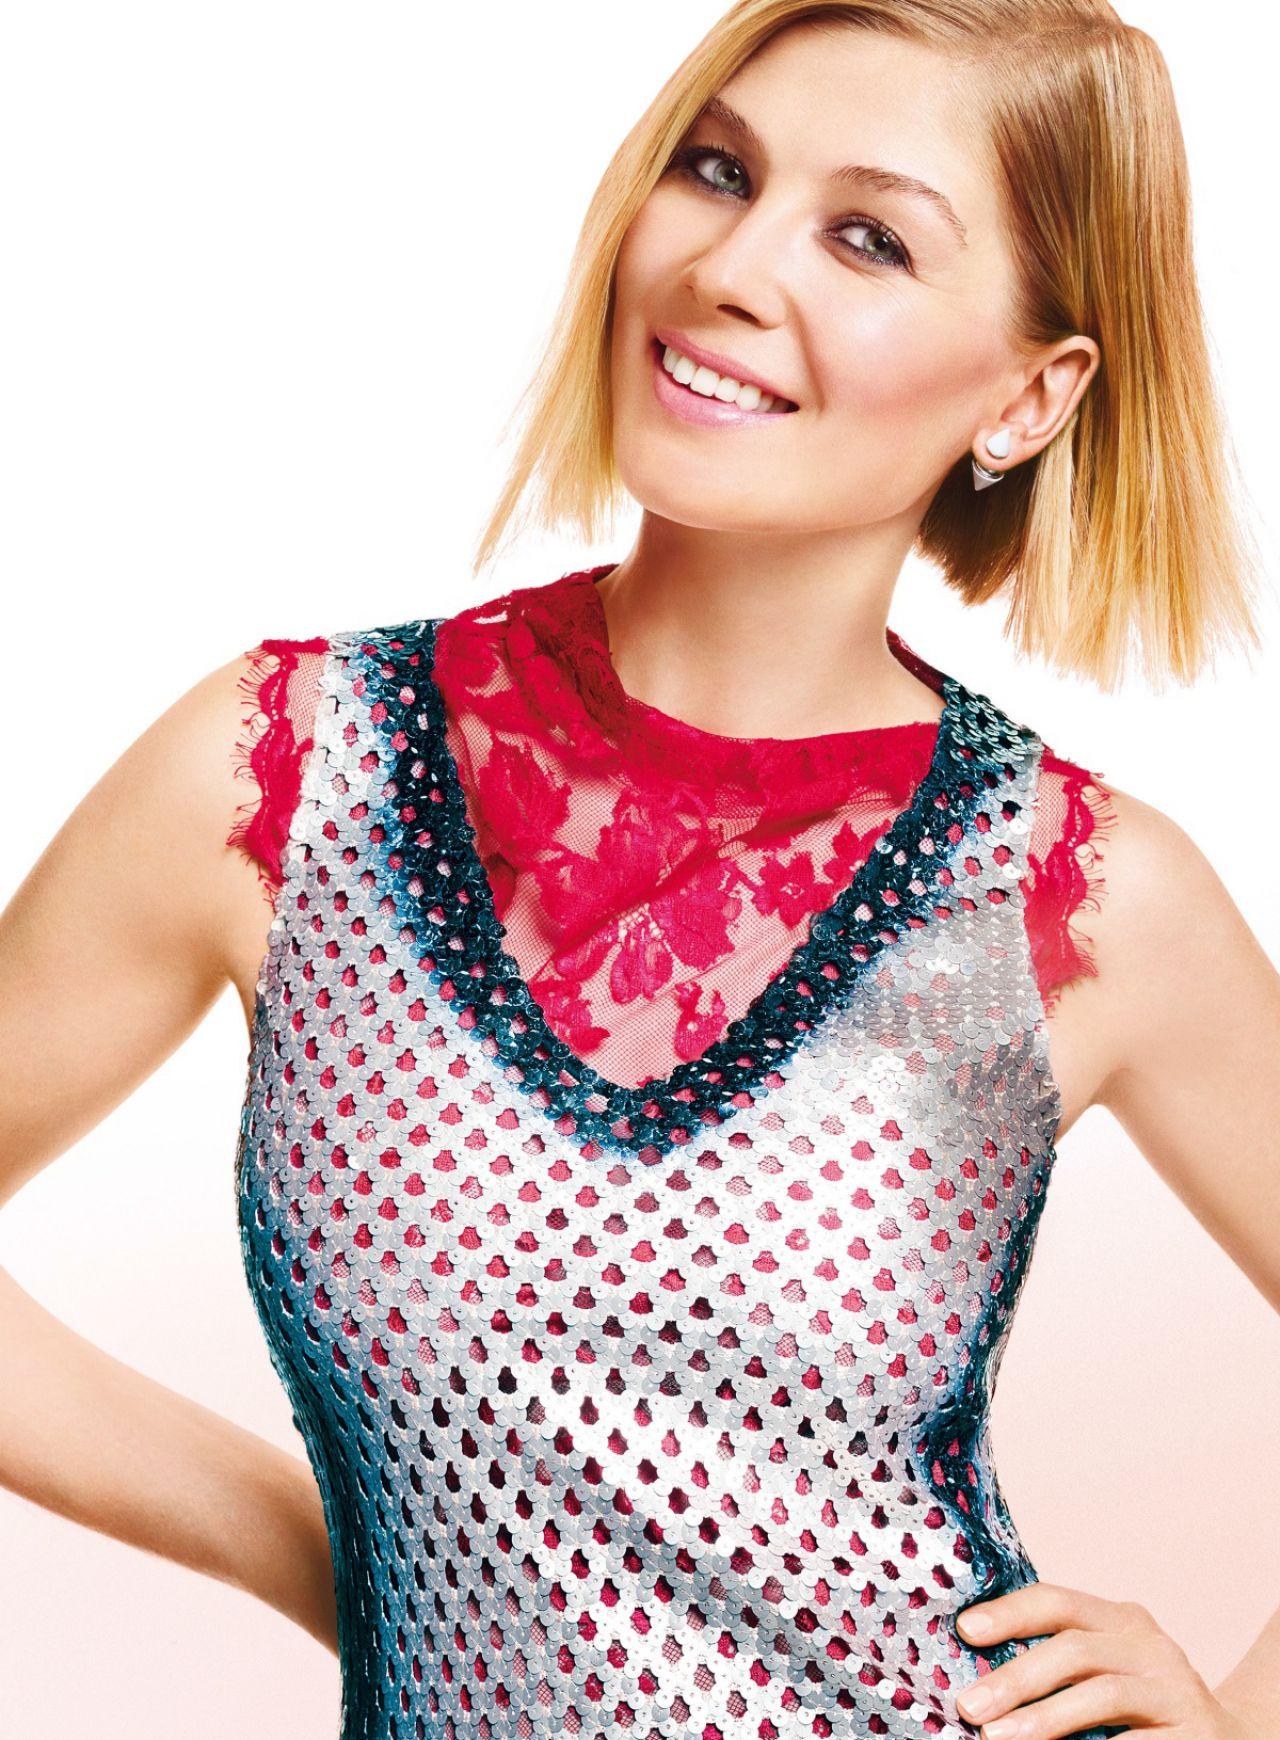 rosamund pike photoshoot for glamour magazine october 2014